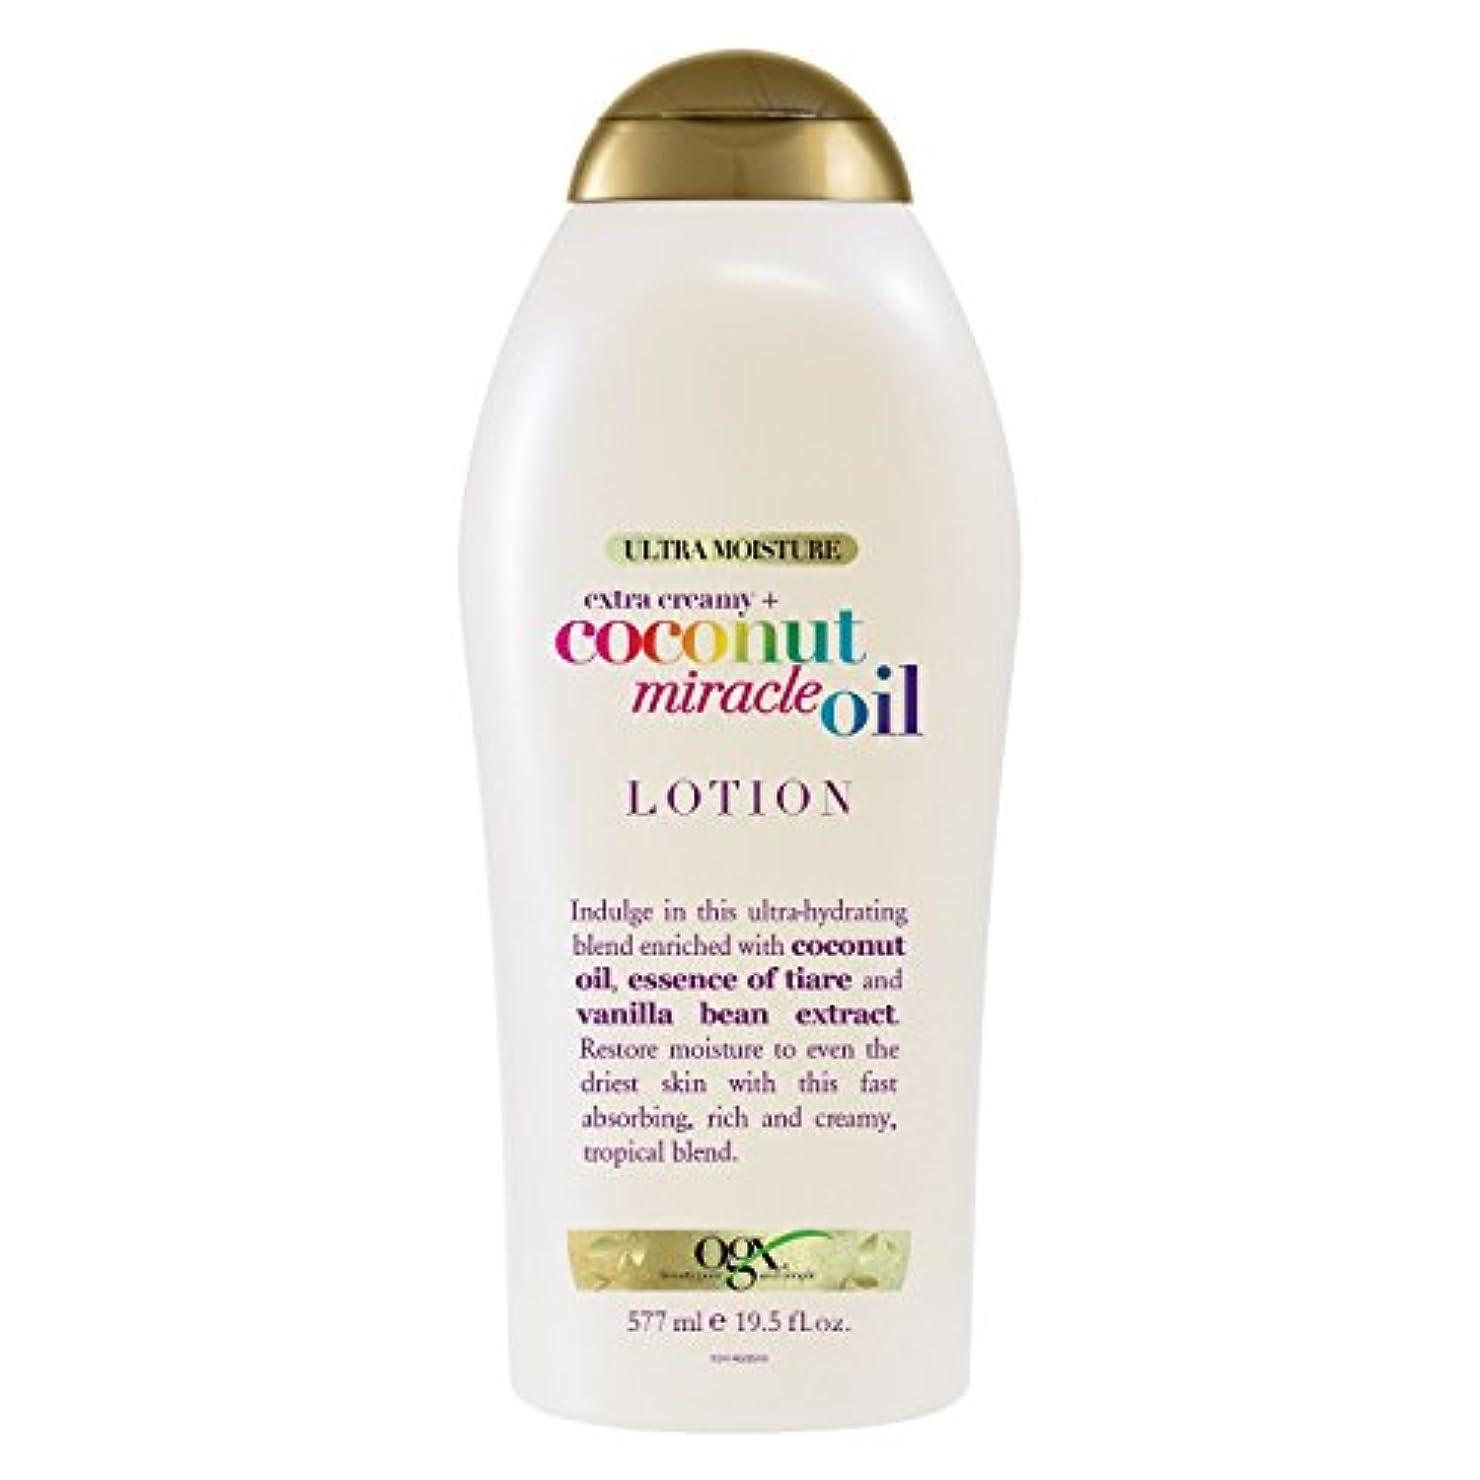 外向き女性吹雪OGX ミラクル ココナッツ オイル ボディローション Body Lotion Coconut Oil Miracle 19.5 Ounce (577ml) [並行輸入品]